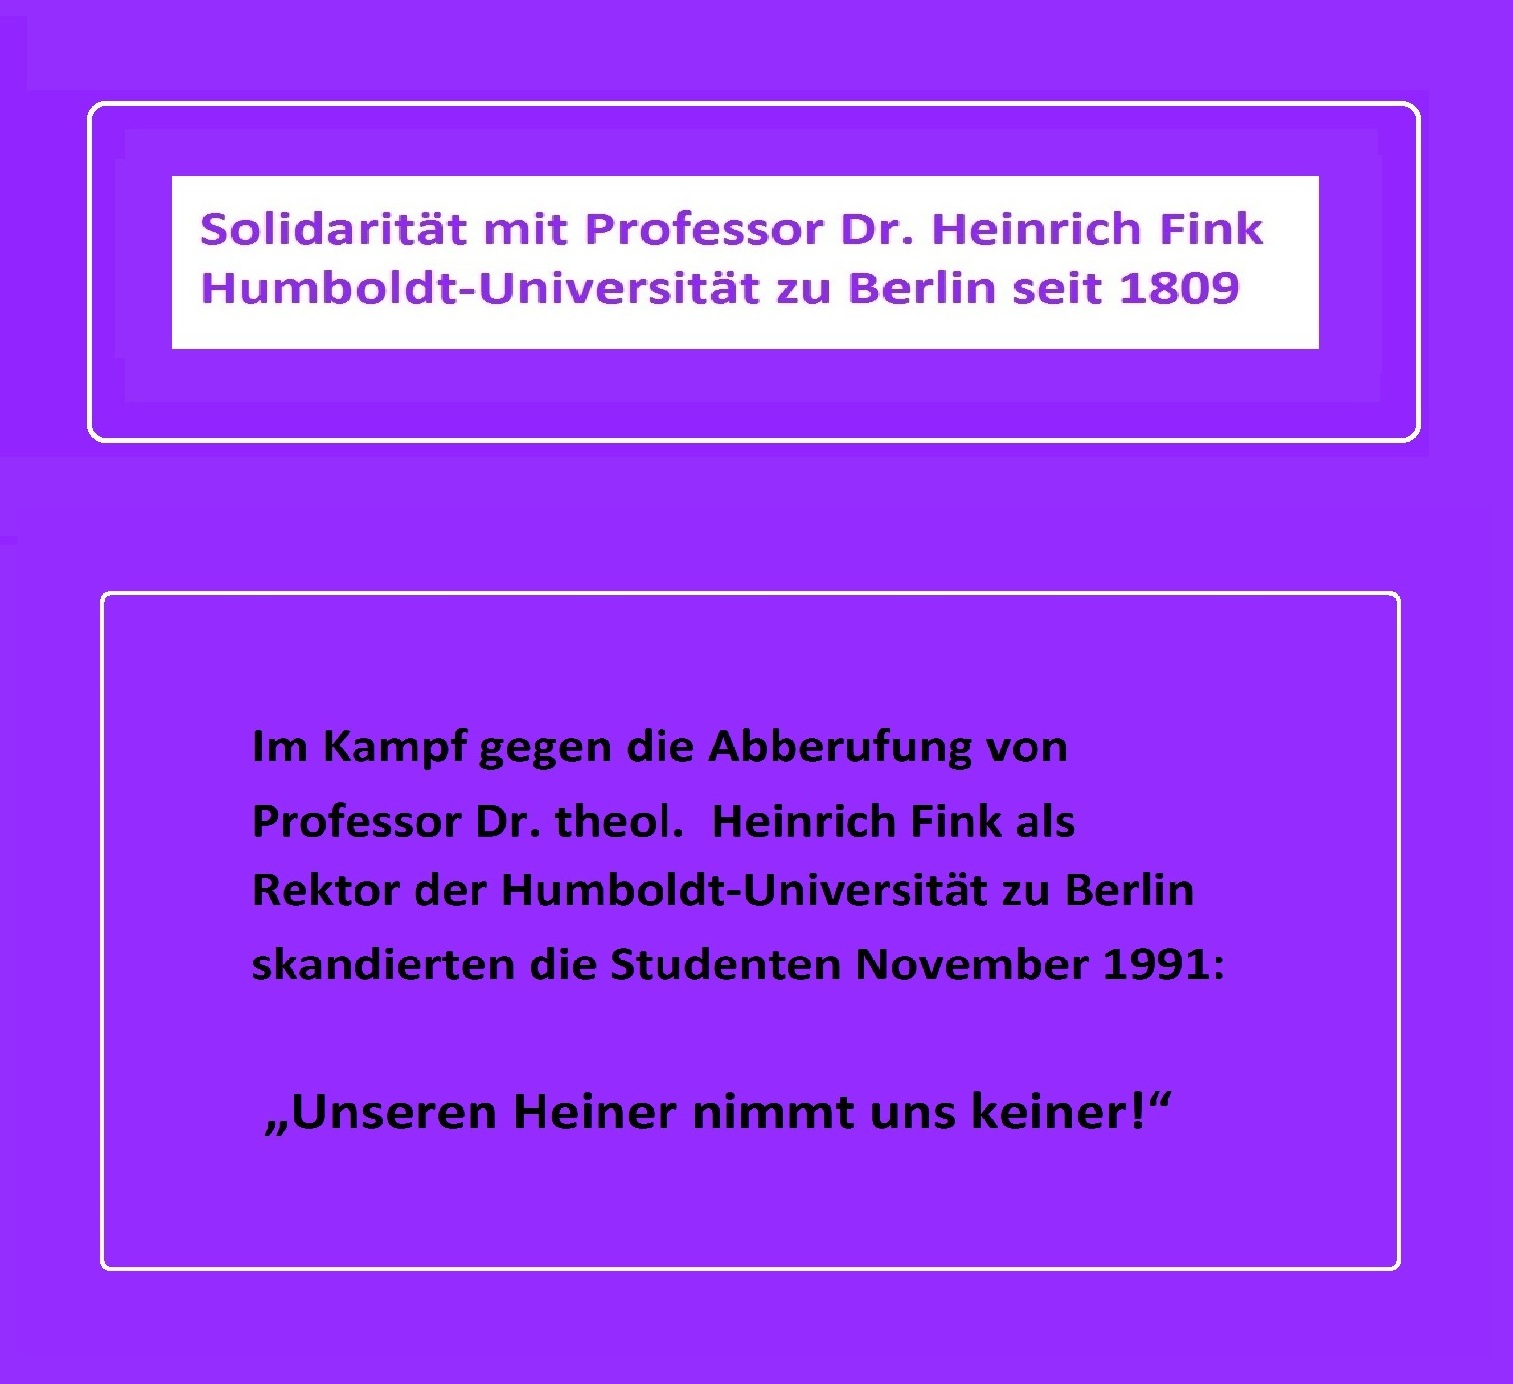 Im Kampf gegen die Abberufung von Prof. Dr. theol. Heinrich Fink als Rektor der Humboldt-Universität zu Berlin skandierten die Studenten vor 25 Jahren: Unseren Heiner nimmt uns keiner!